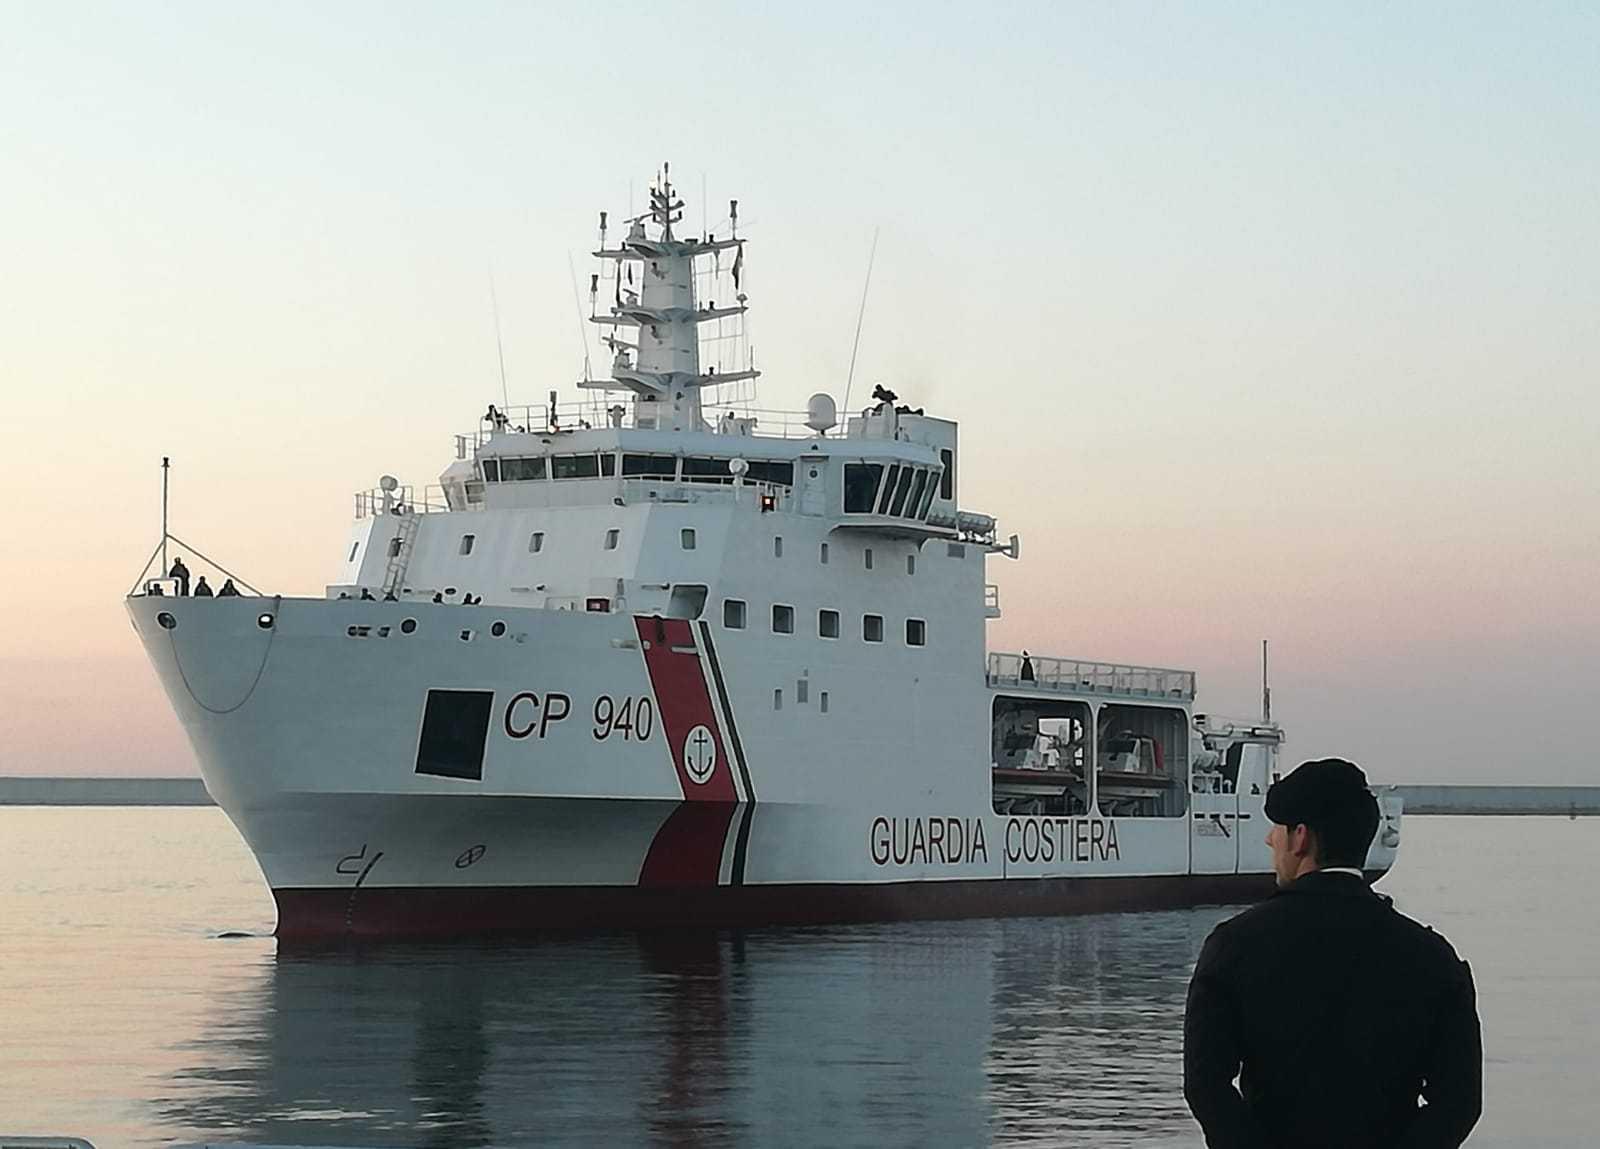 Una nave della Guardia Costiera che trasporta migranti